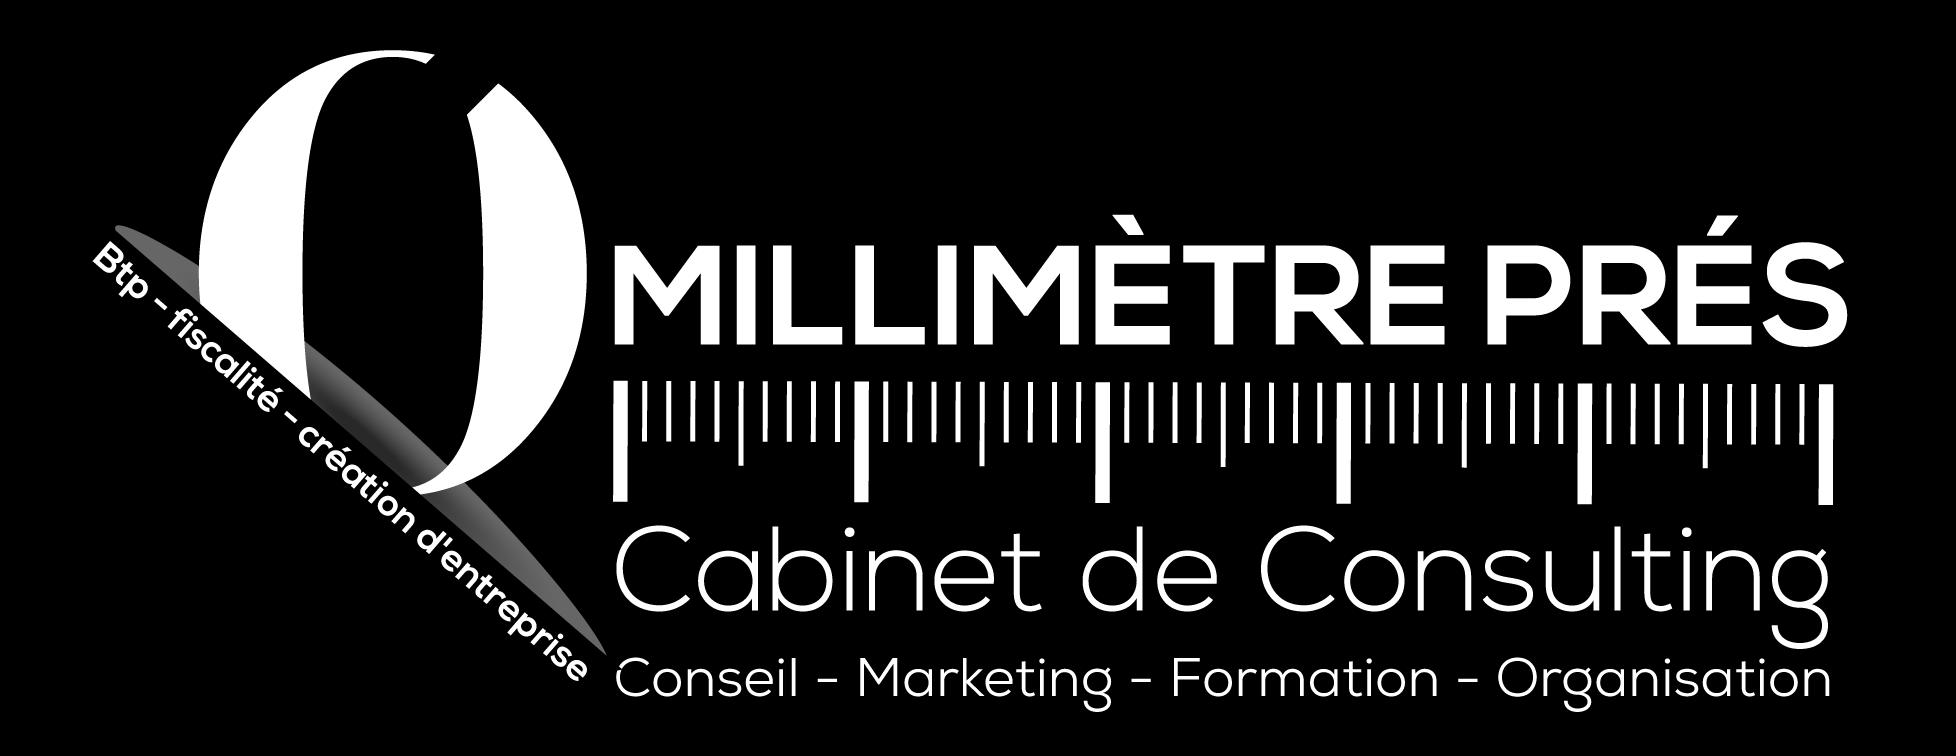 engrainages-2021-partenaire-logo-o-millimetre-pres